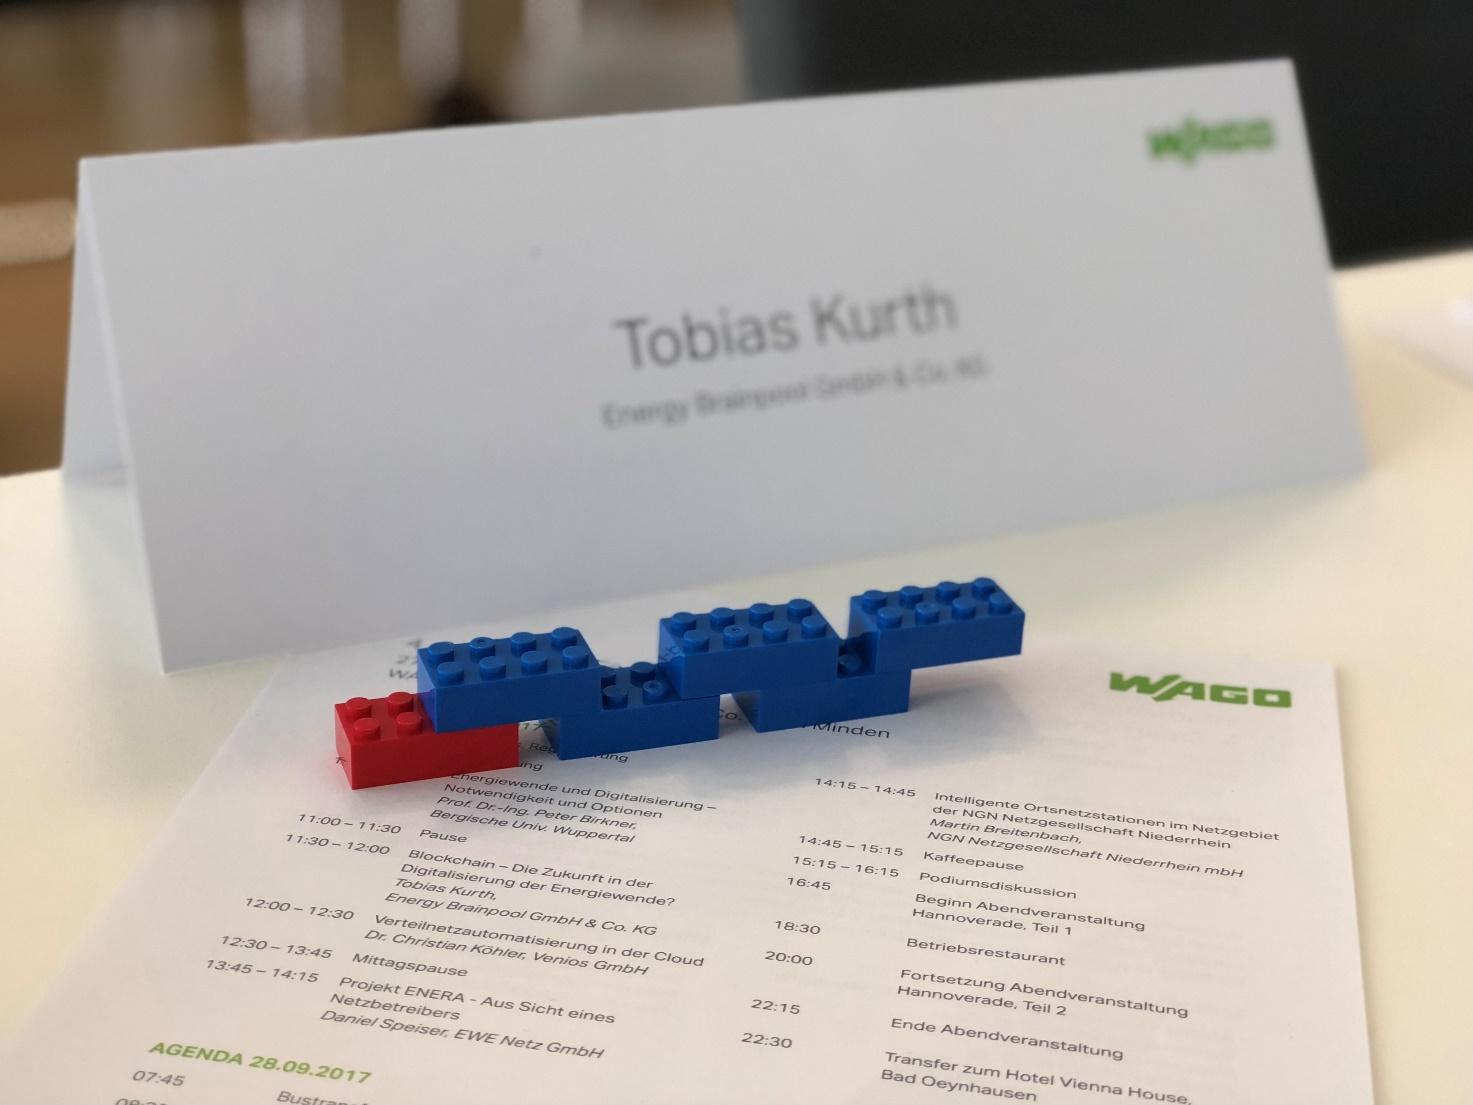 Tobias Kurth bei der 4. Smart-Grid-Fachtagung von WAGO Kontakttechnik